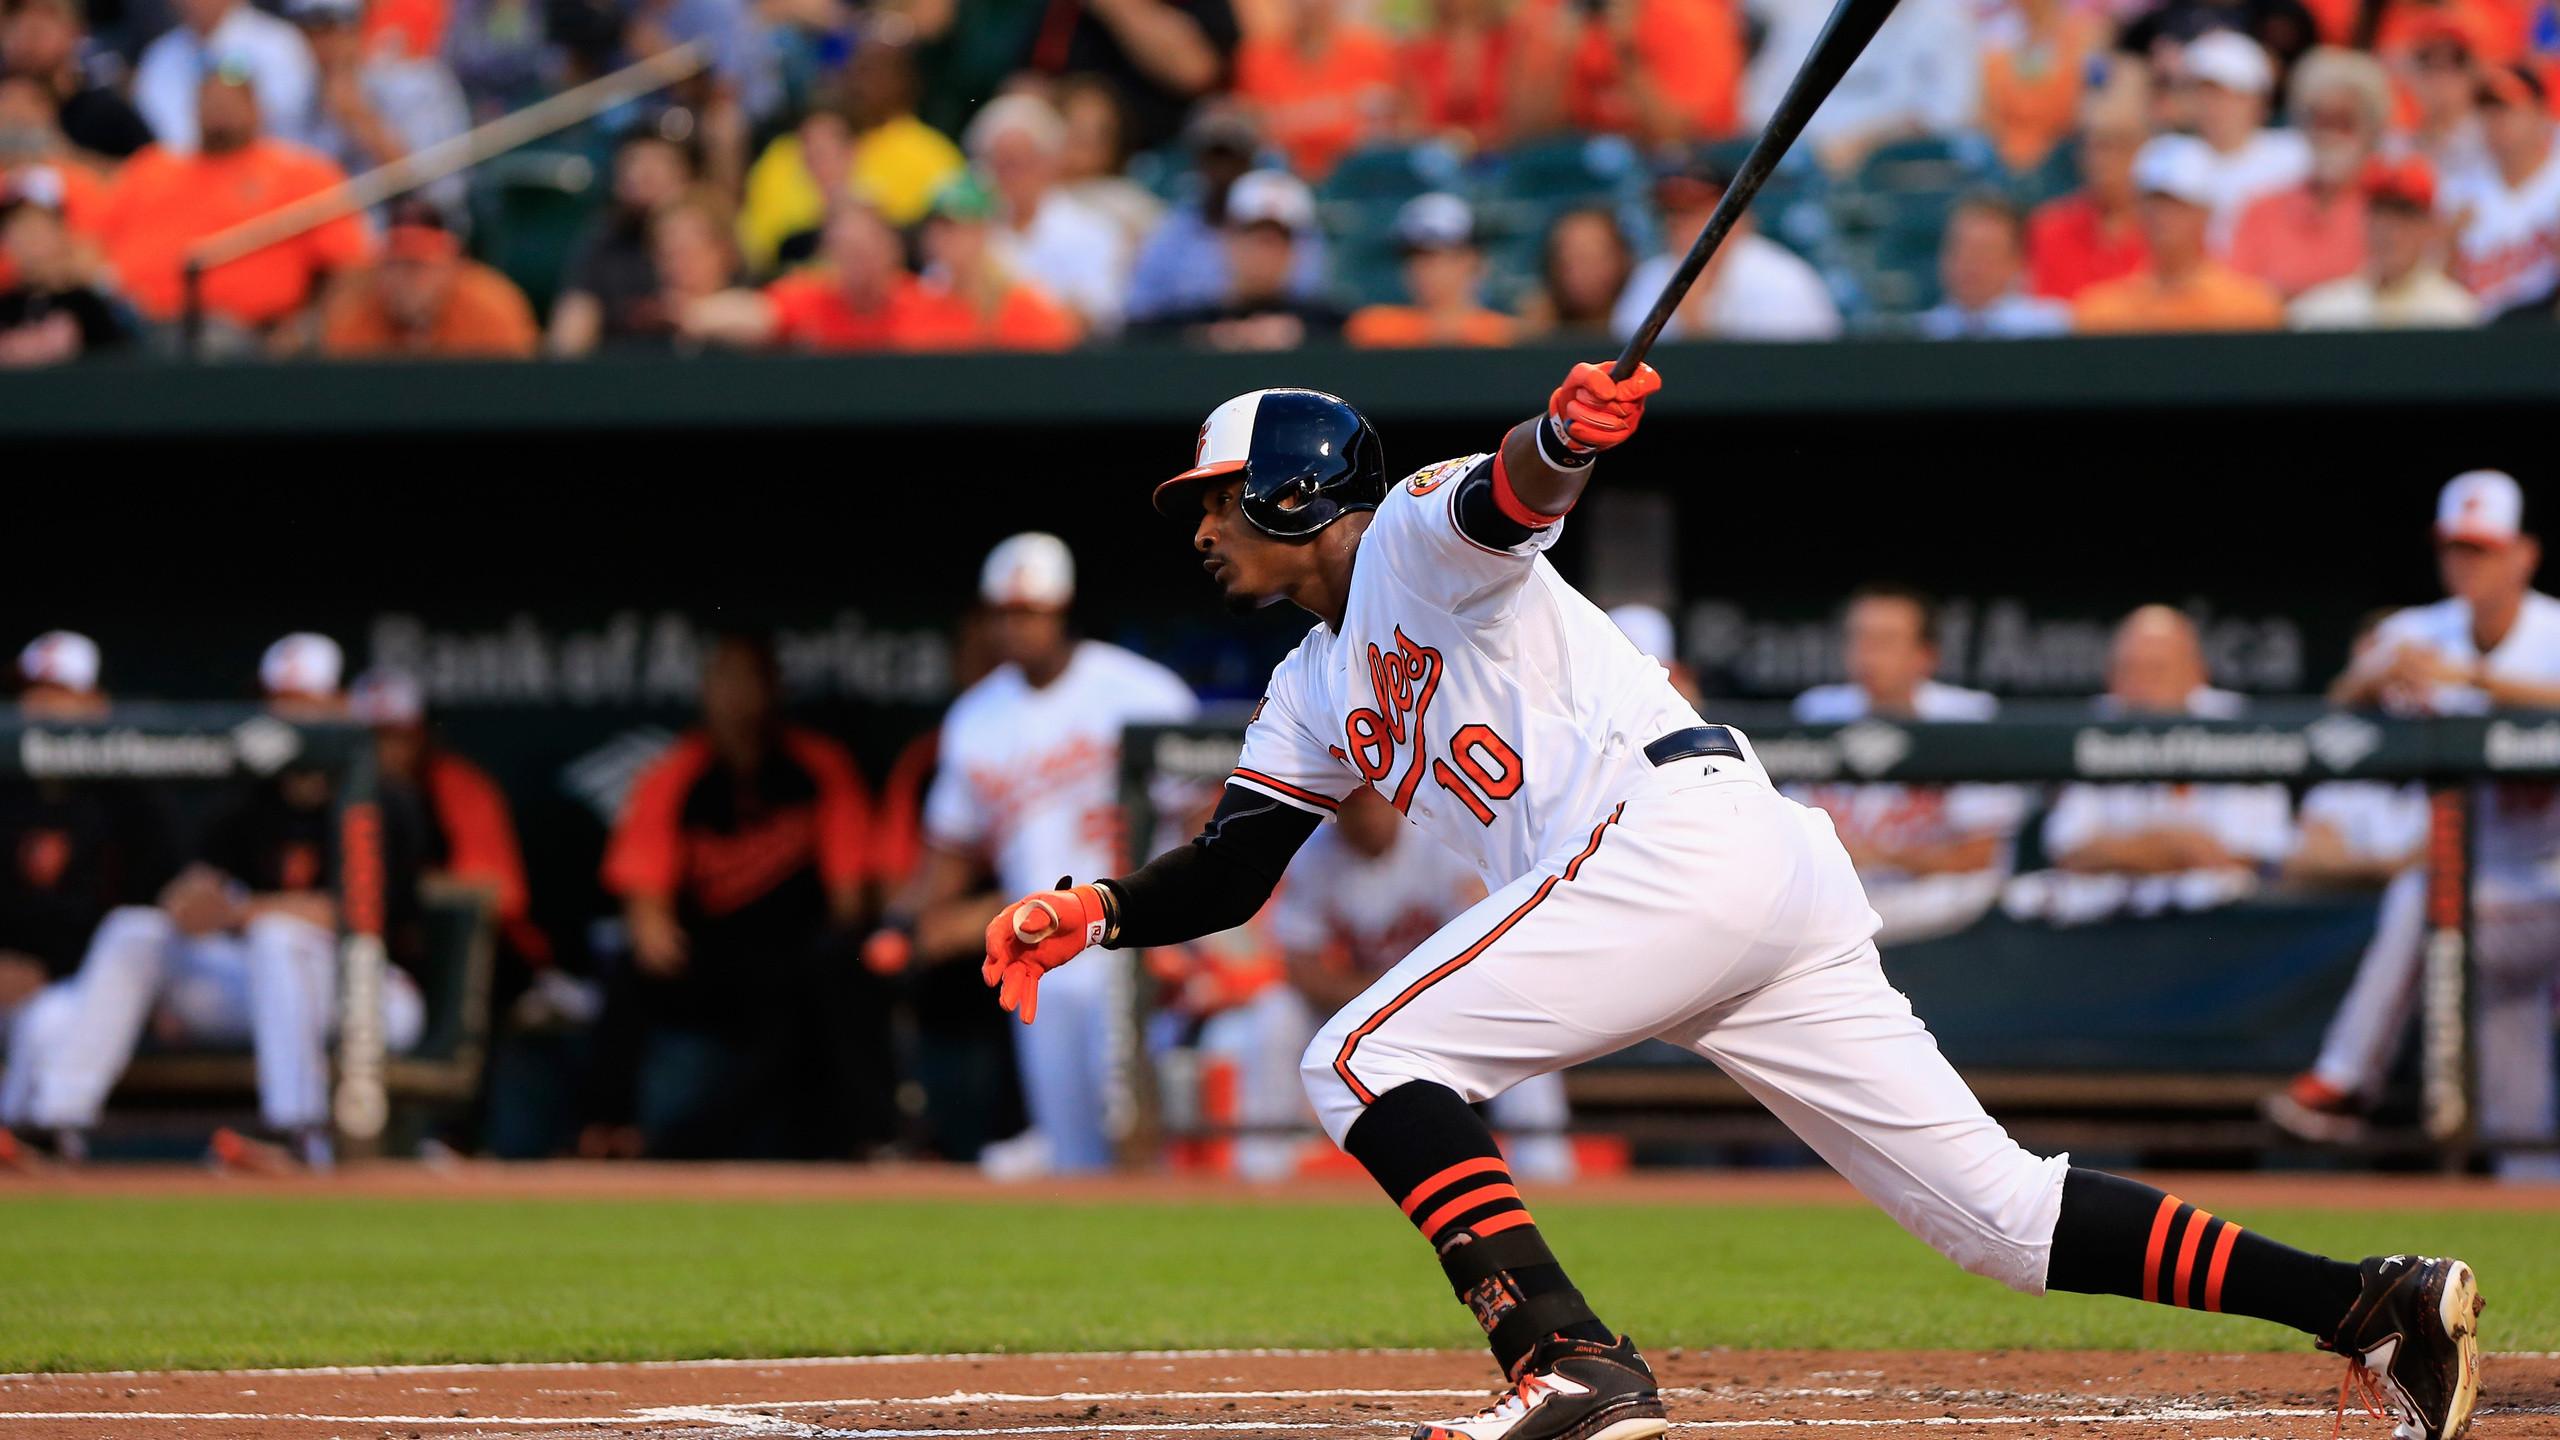 Baseball, Baltimore Orioles Mlb Baseball Batter, Sports, Baltimore Orioles,  Mlb